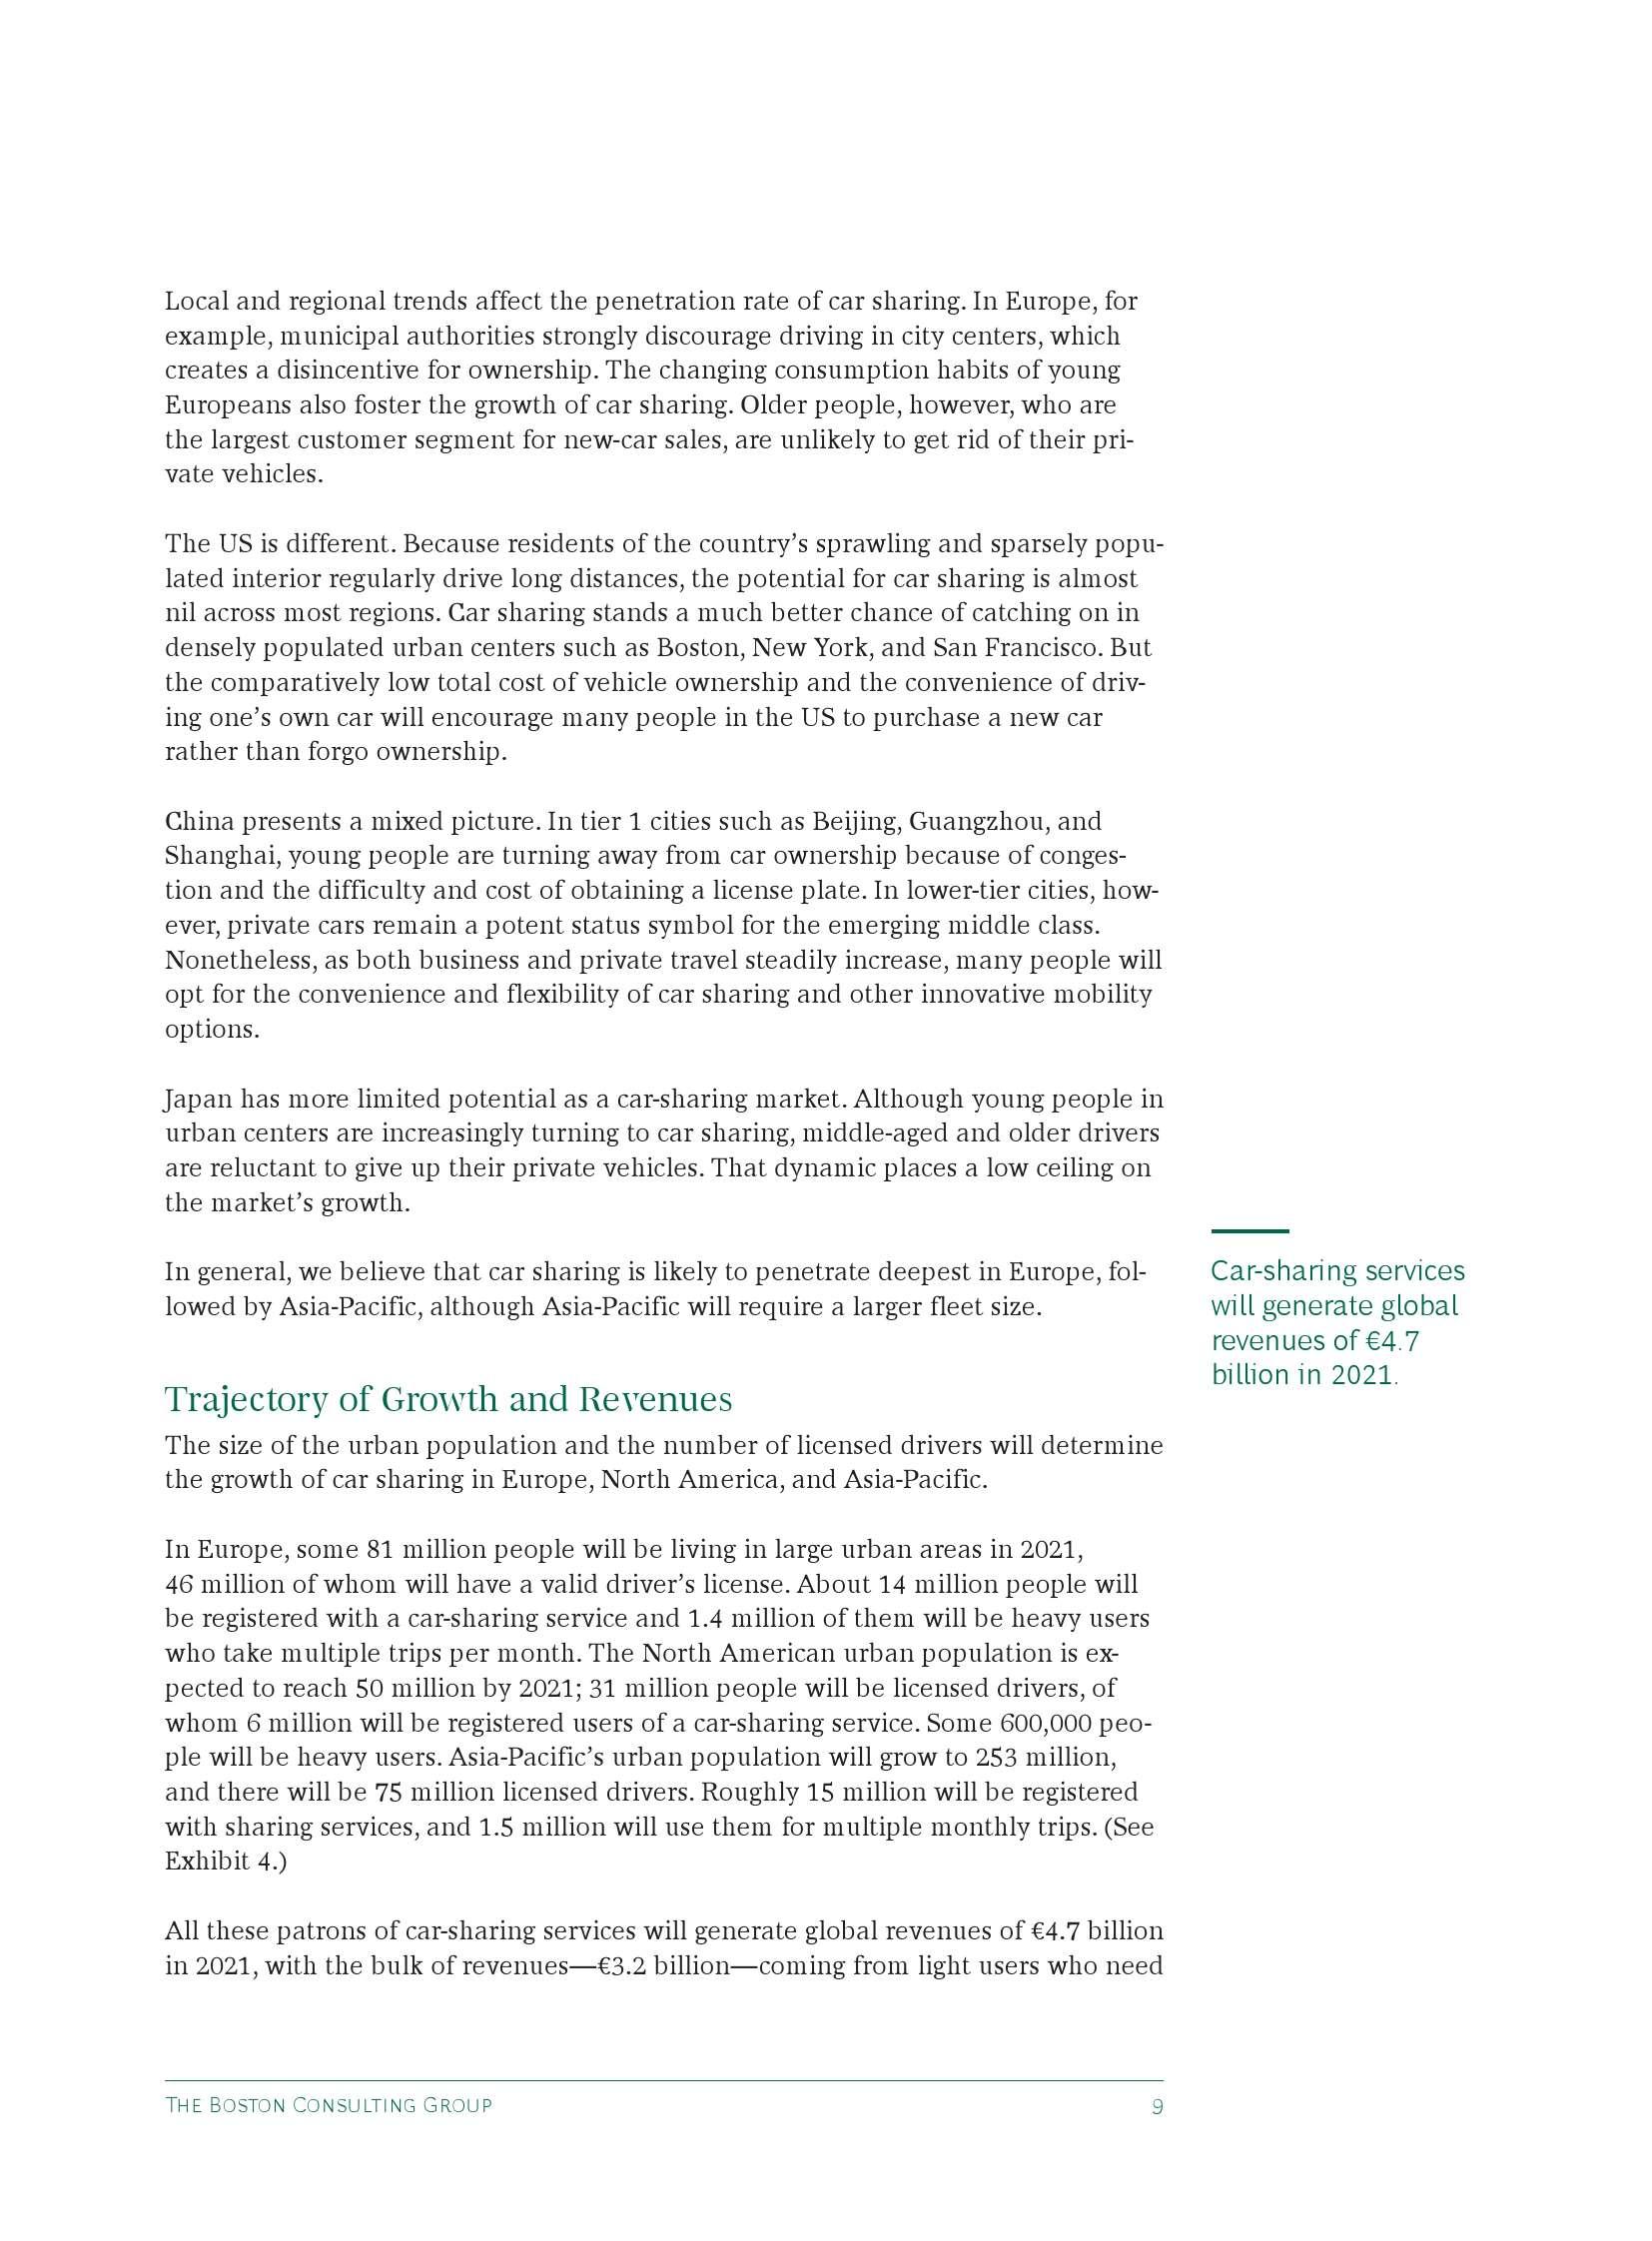 汽车共享新前景:新型出行方式对汽车销量的影响_000011